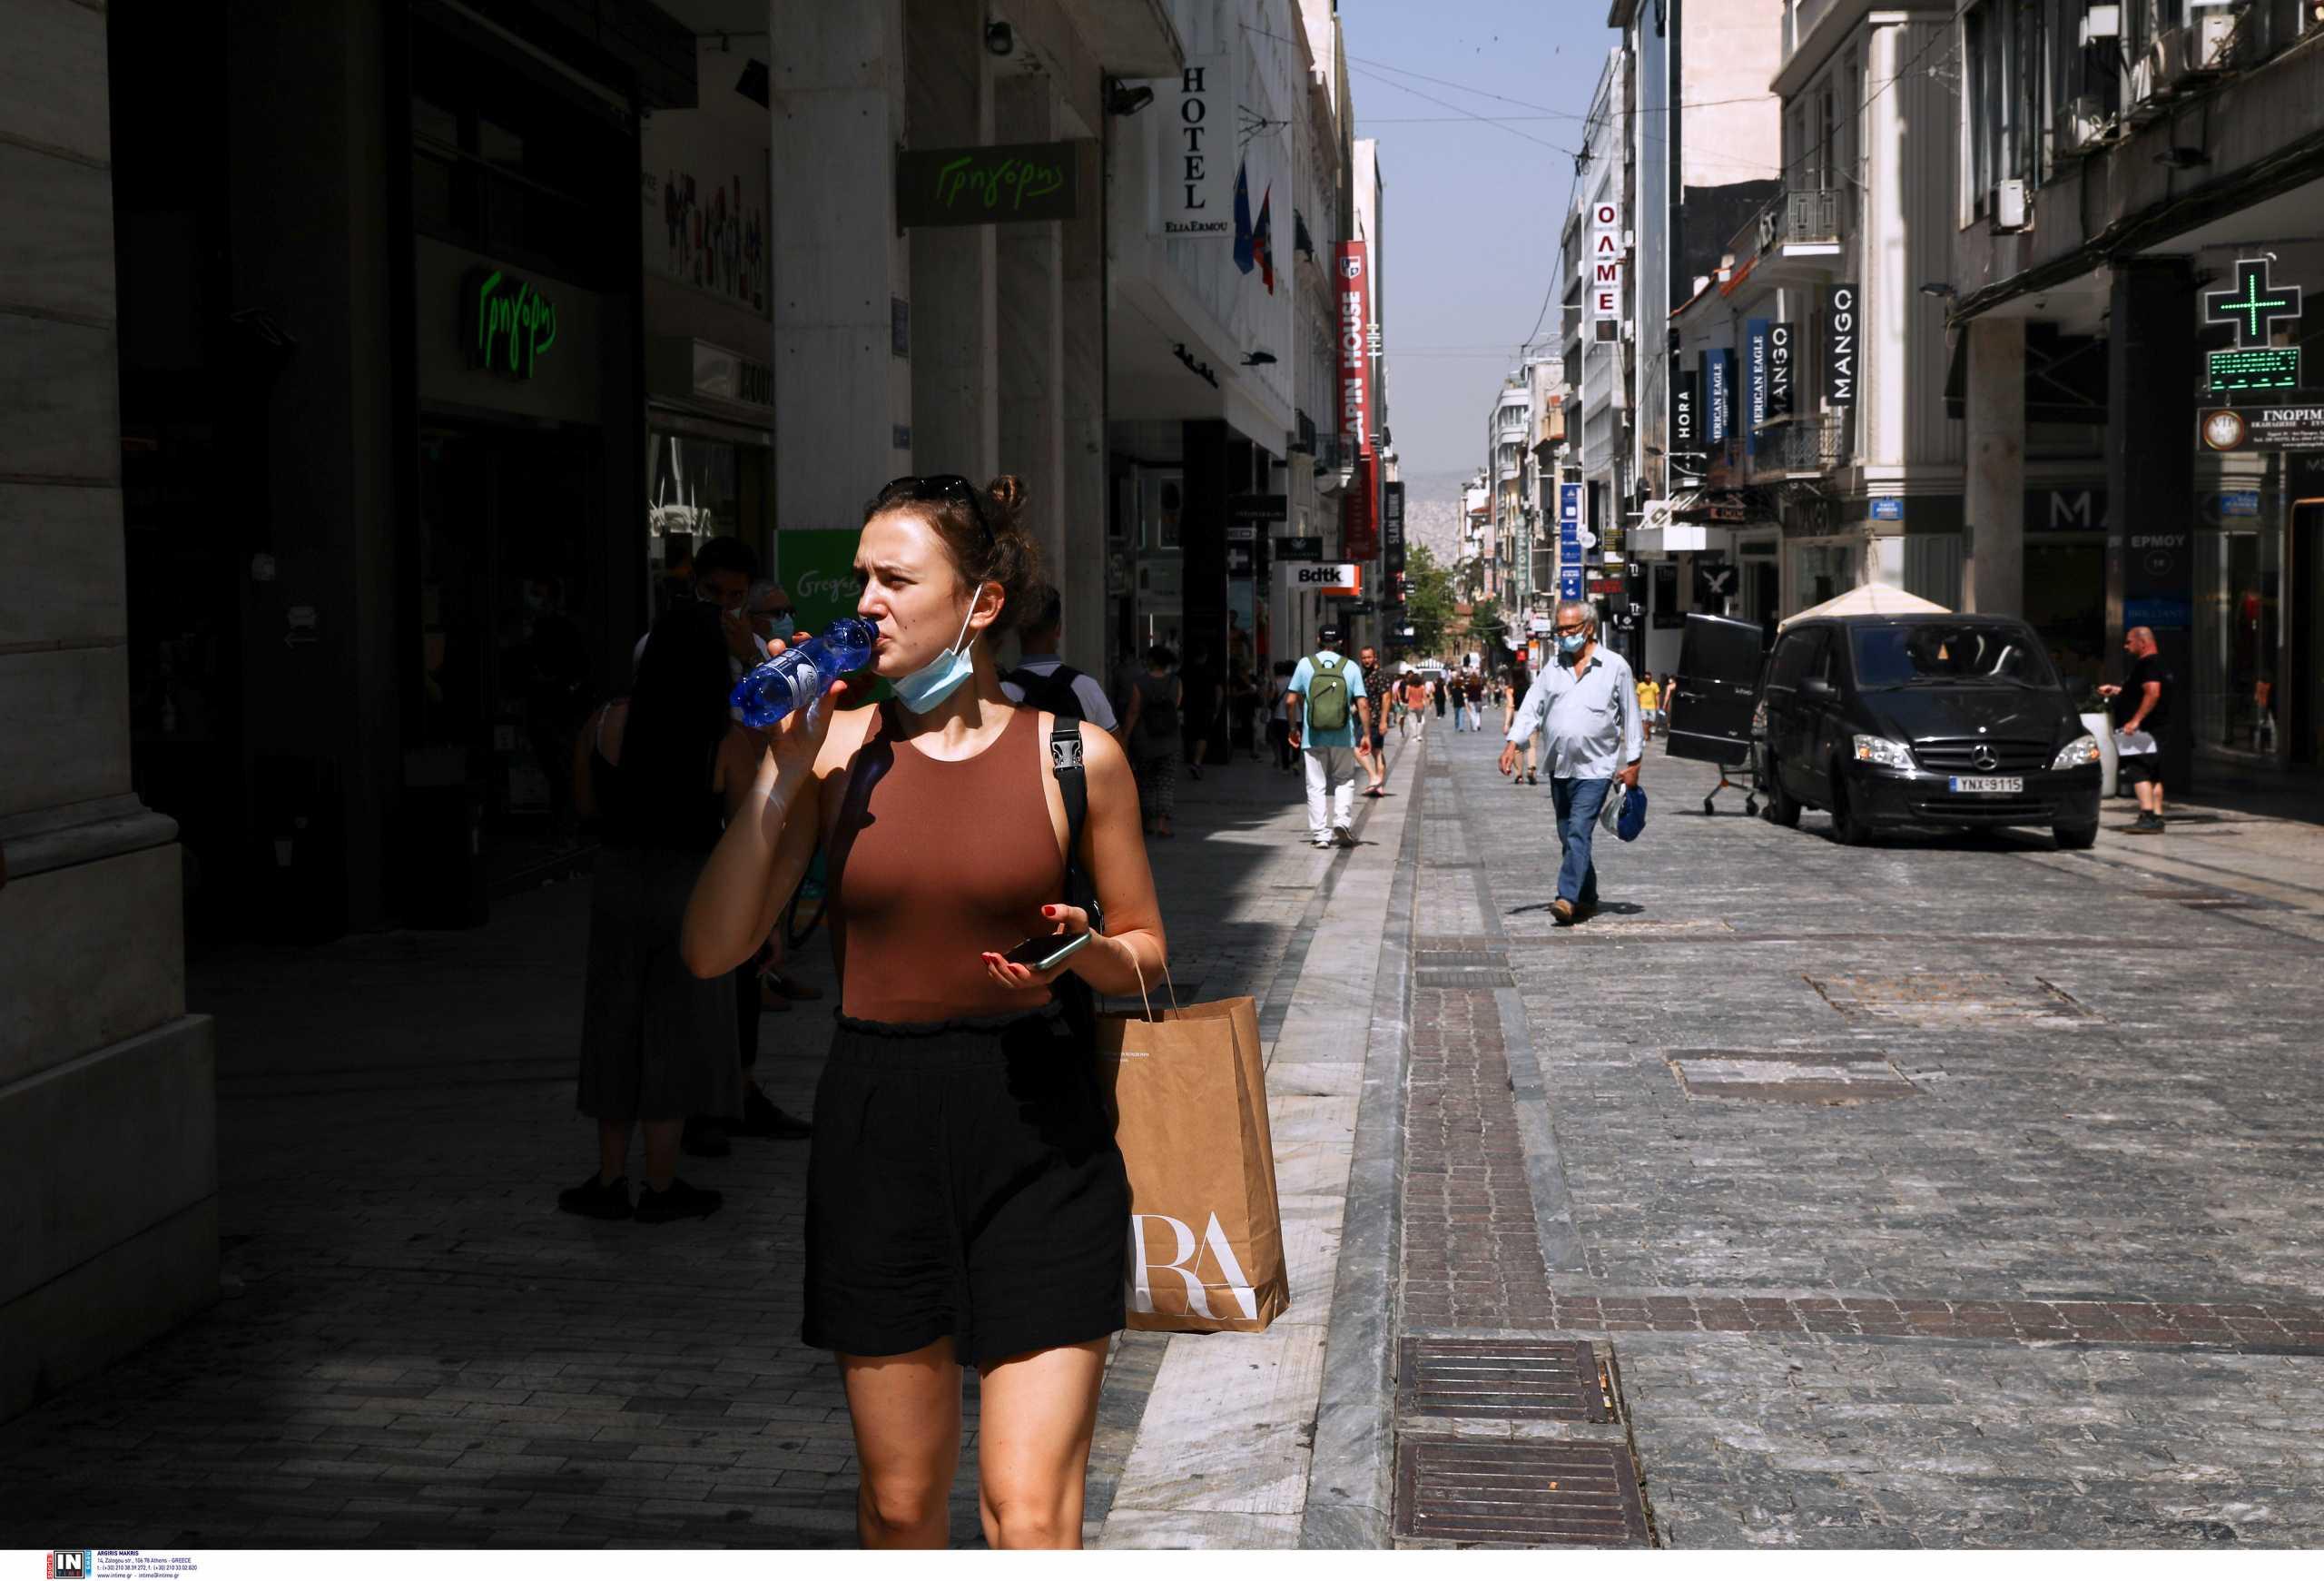 Κορονοϊός: 408 κρούσματα στην Αττική, «αντέχει» η Θεσσαλονίκη, ανησυχεί η Κρήτη – Ο χάρτης της διασποράς